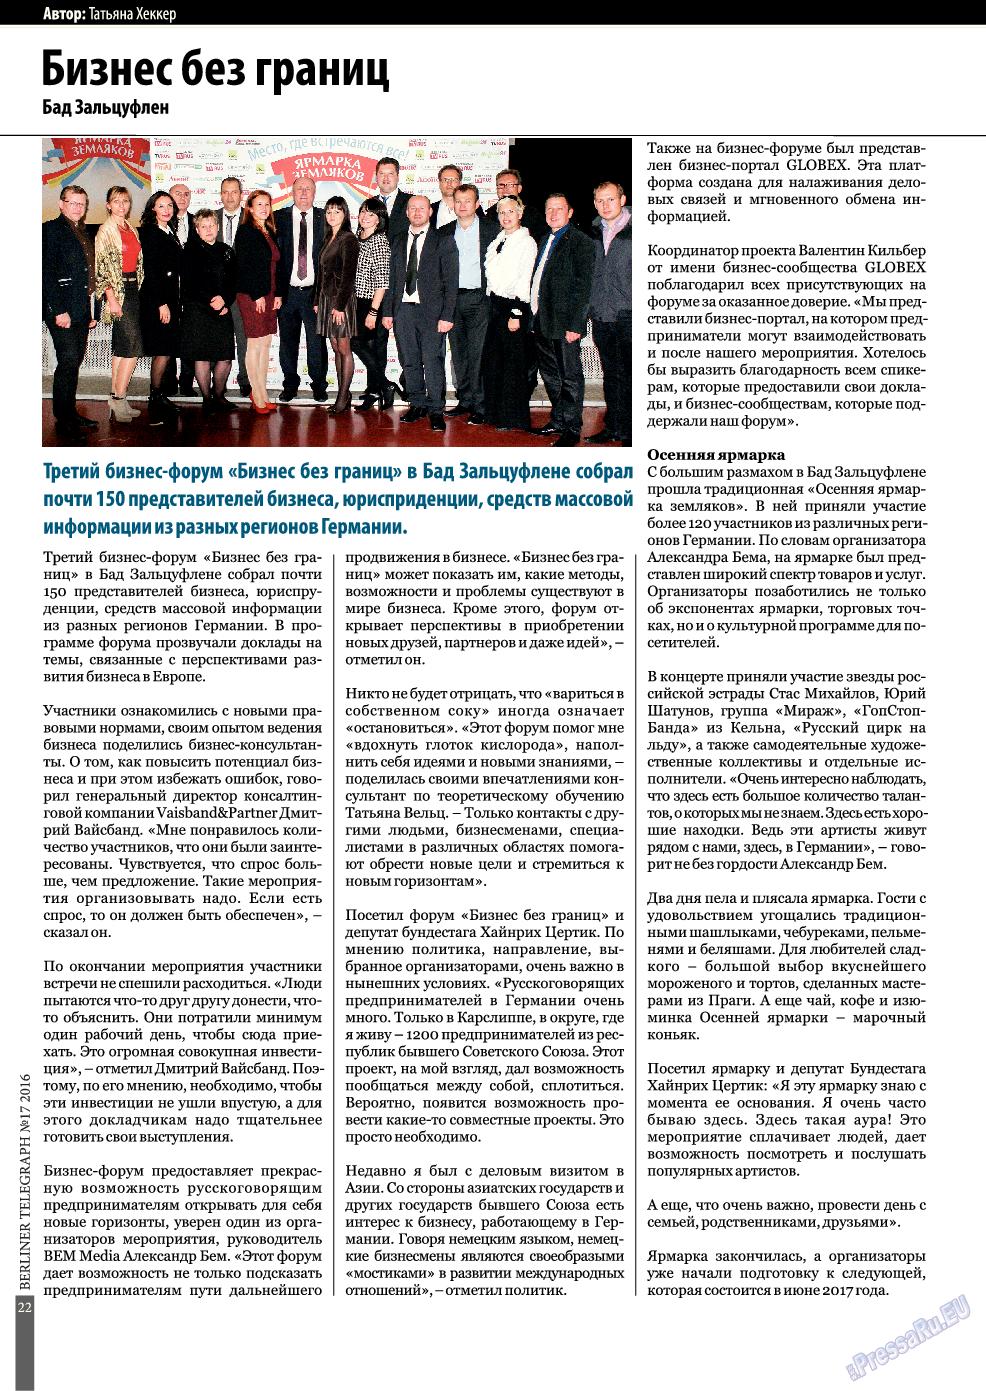 Берлинский телеграф (журнал). 2016 год, номер 17, стр. 22